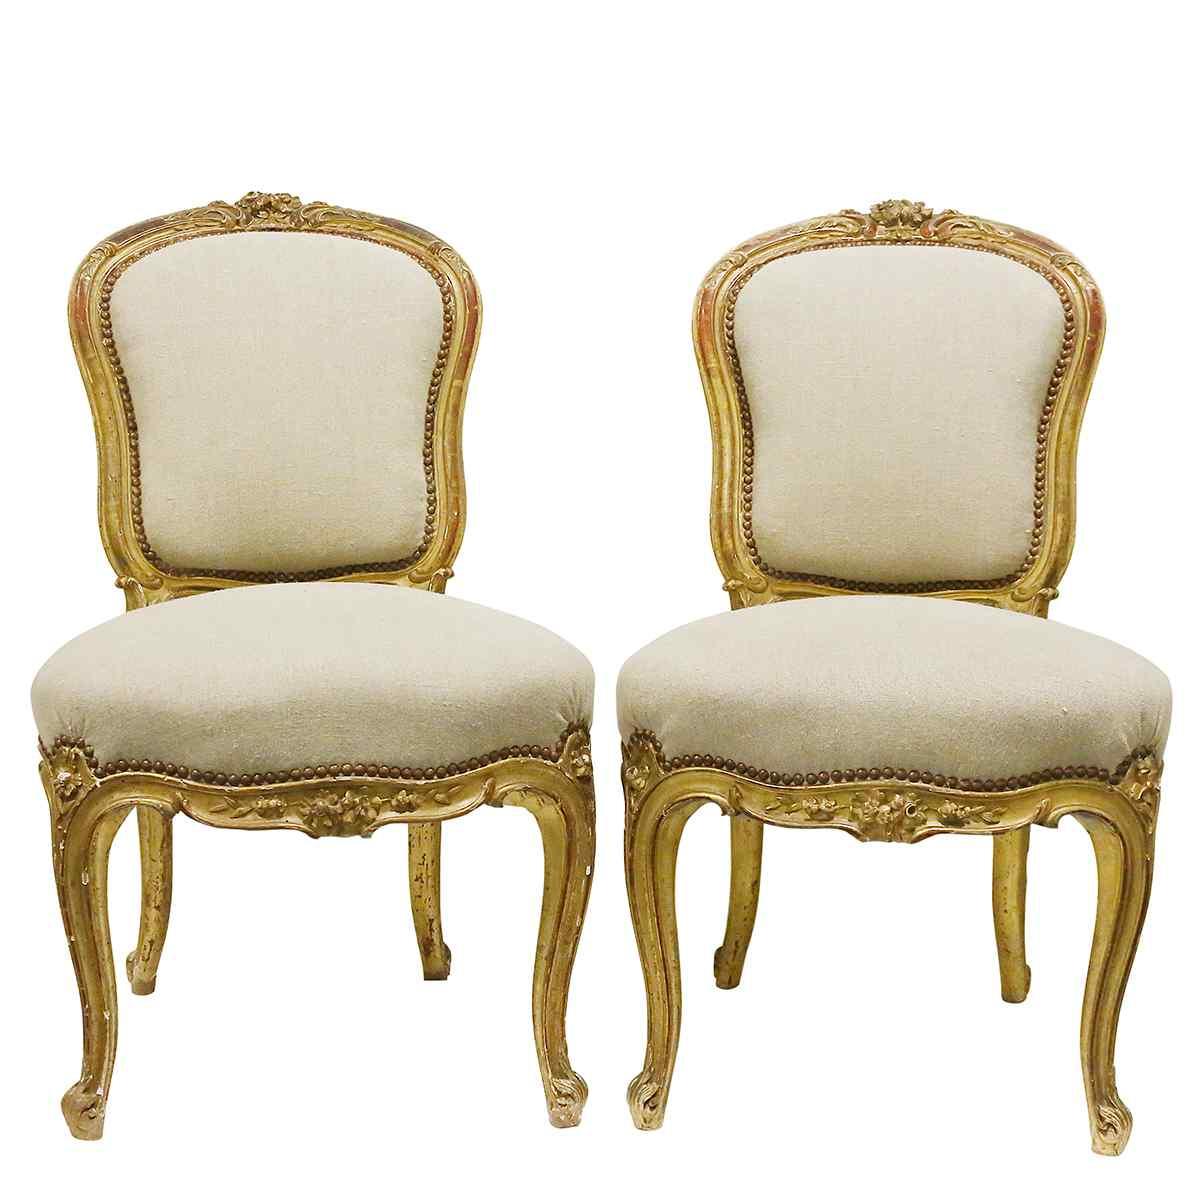 Una coppia di sedie stile Louis XV